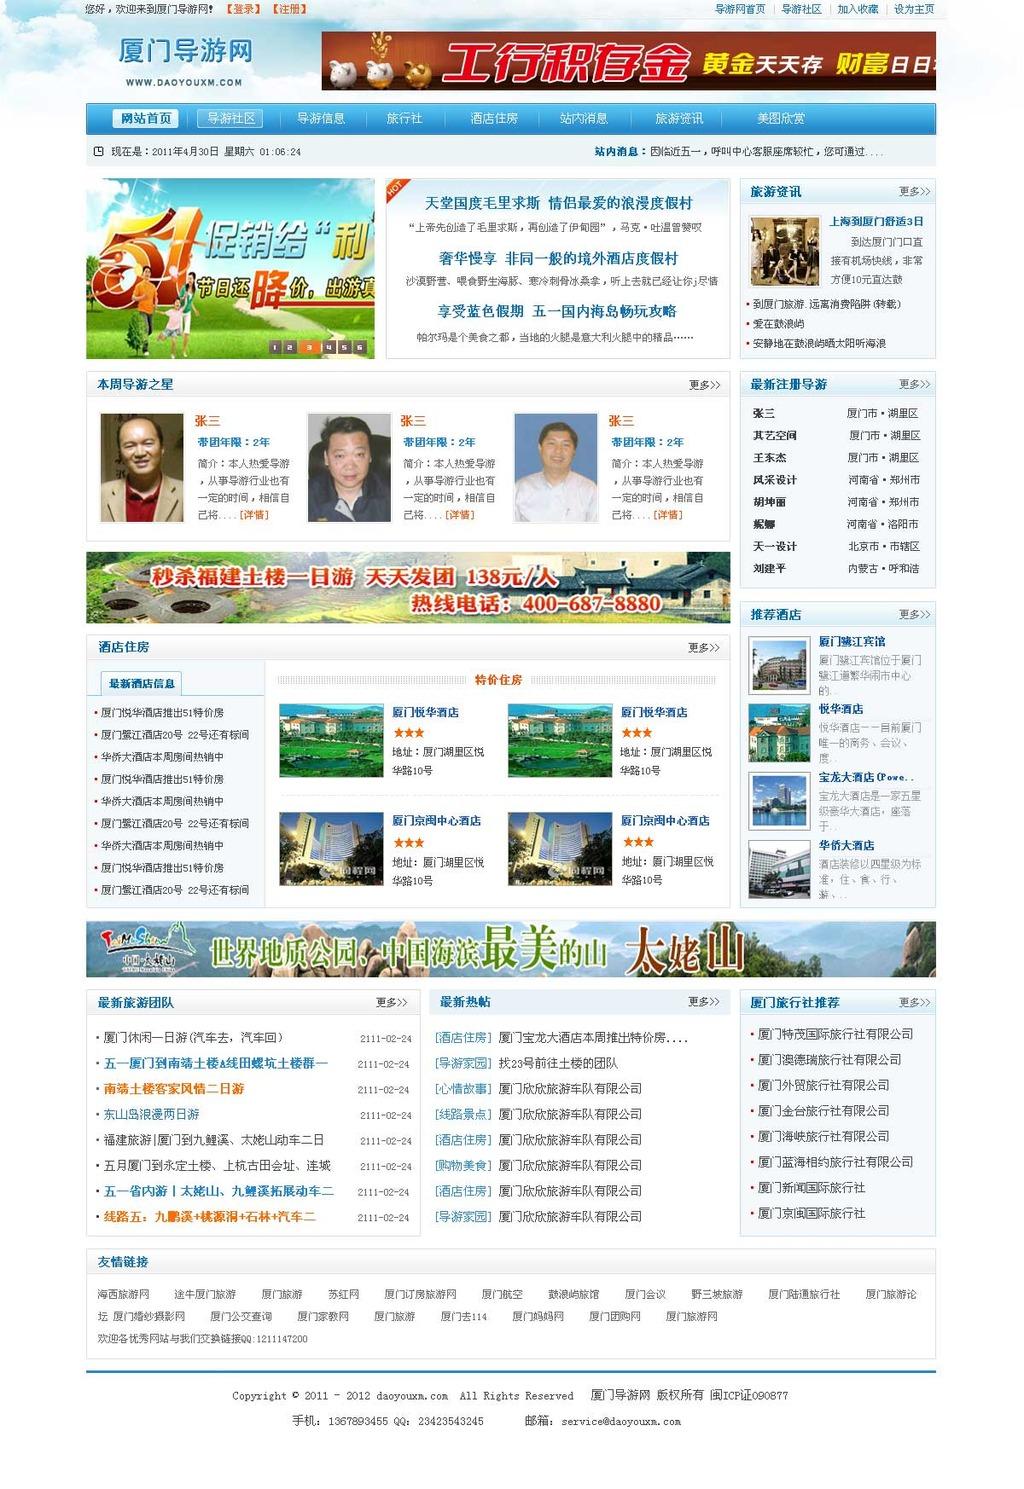 旅游网站模版设计模板下载(图片编号:12136645)_企业